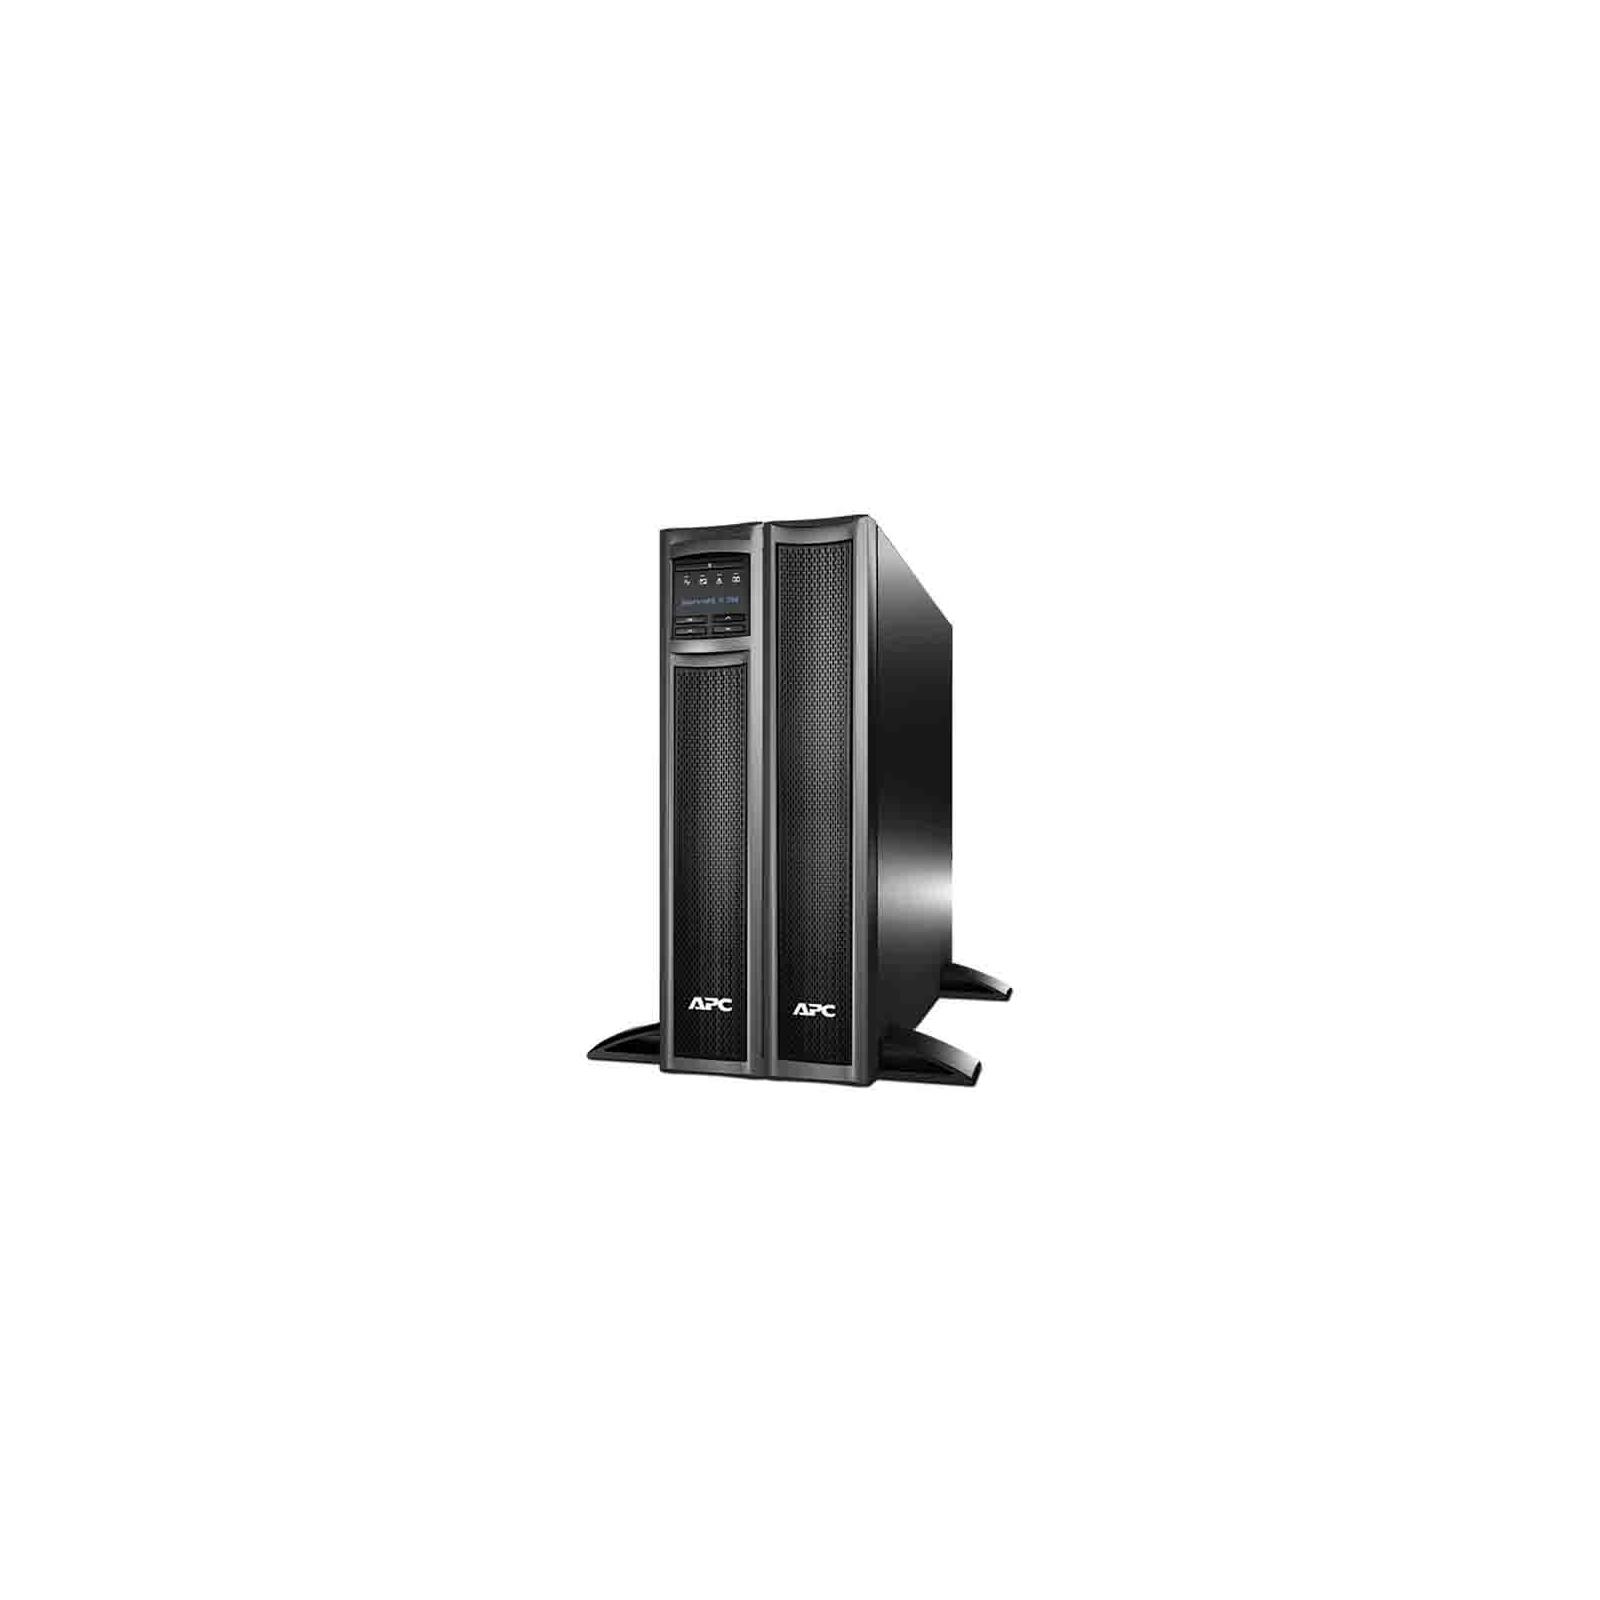 Источник бесперебойного питания APC Smart-UPS X 750VA Rack/Tower LCD (SMX750I) изображение 4